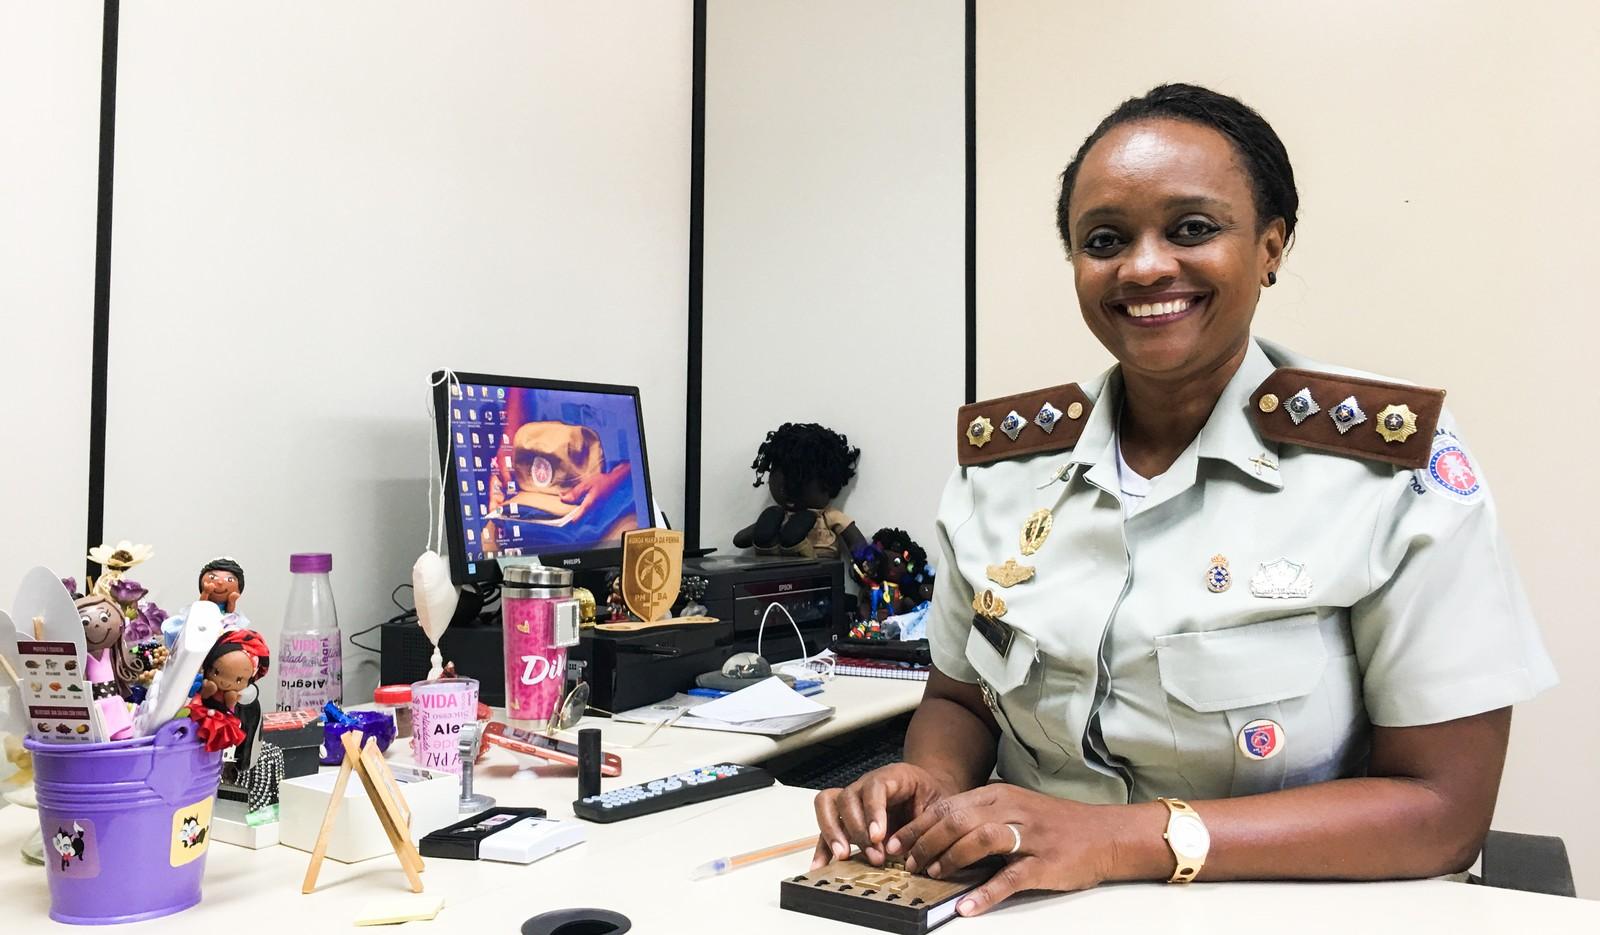 Major Denice Santiago - mulher negra de cabelo, preso, usando uniforme de major- sentada diante de uma mesa de escritório